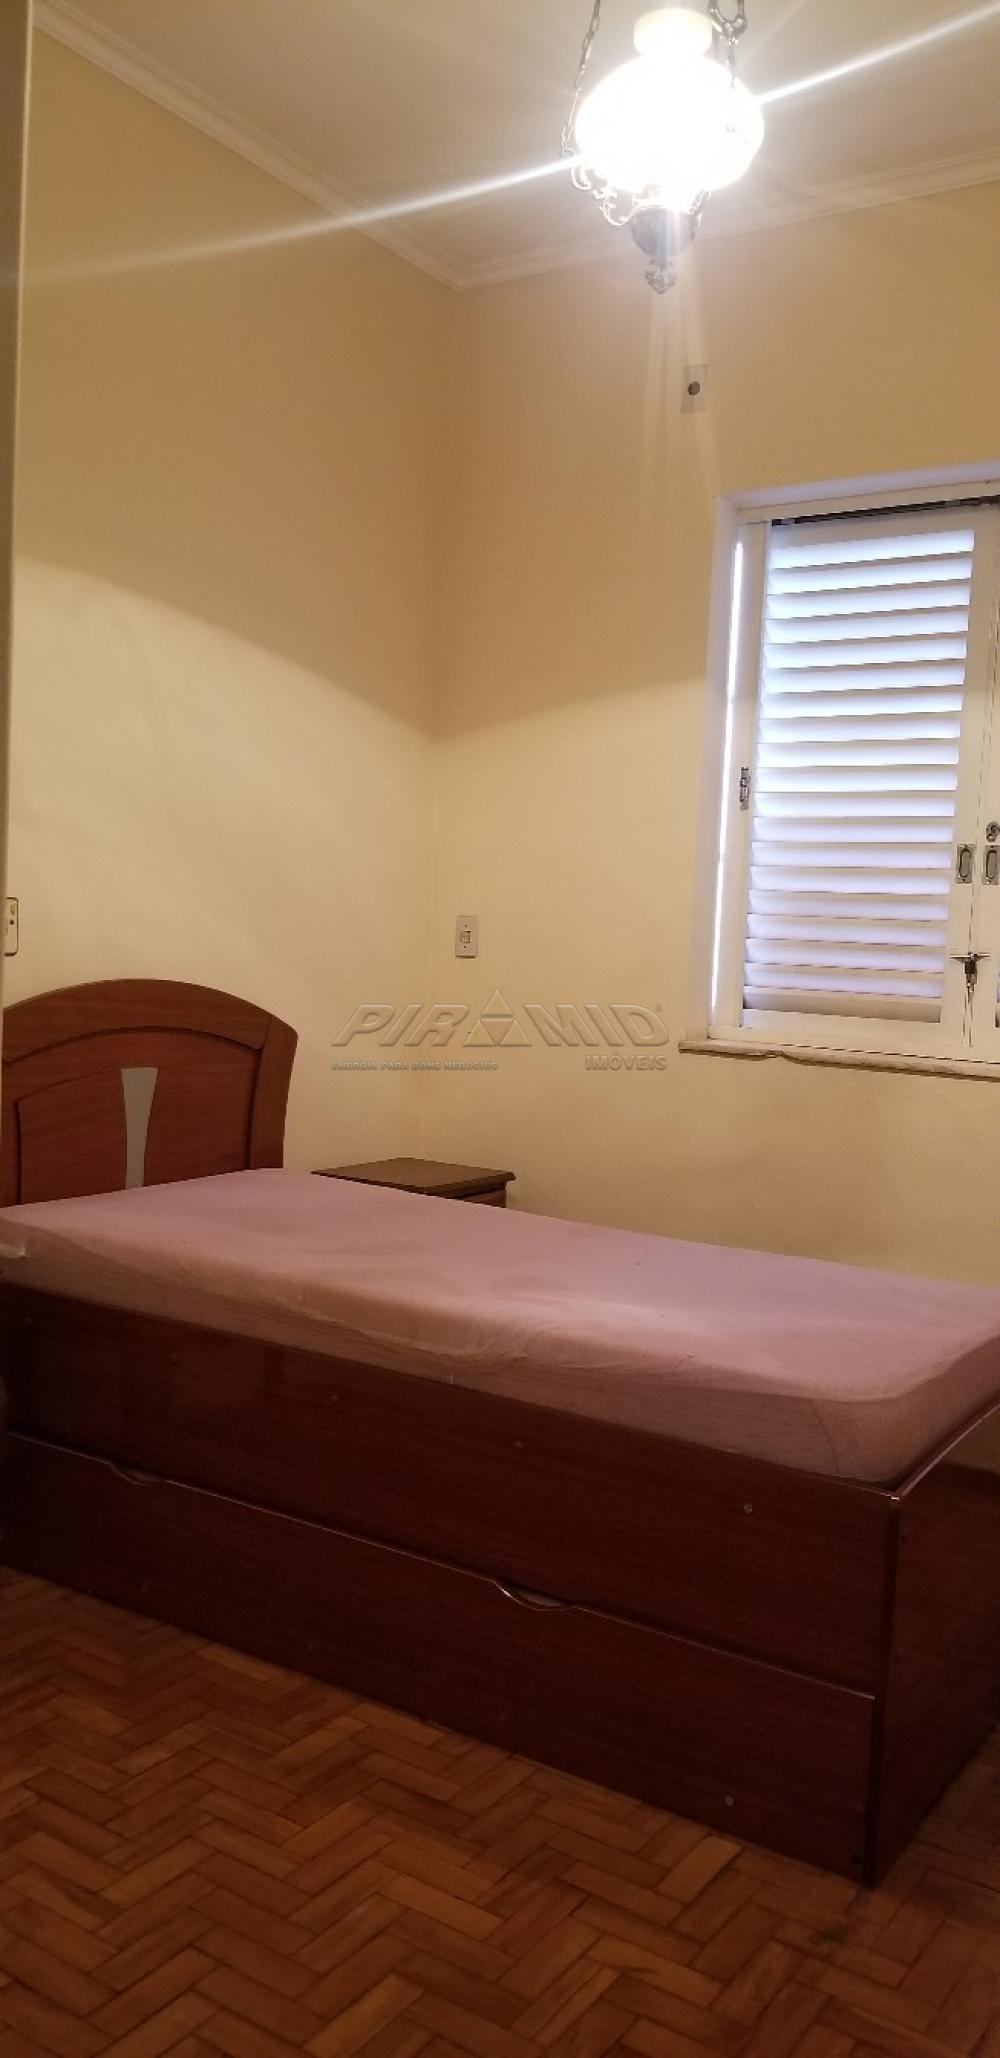 Alugar Casa / Padrão em Ribeirão Preto R$ 1.500,00 - Foto 21